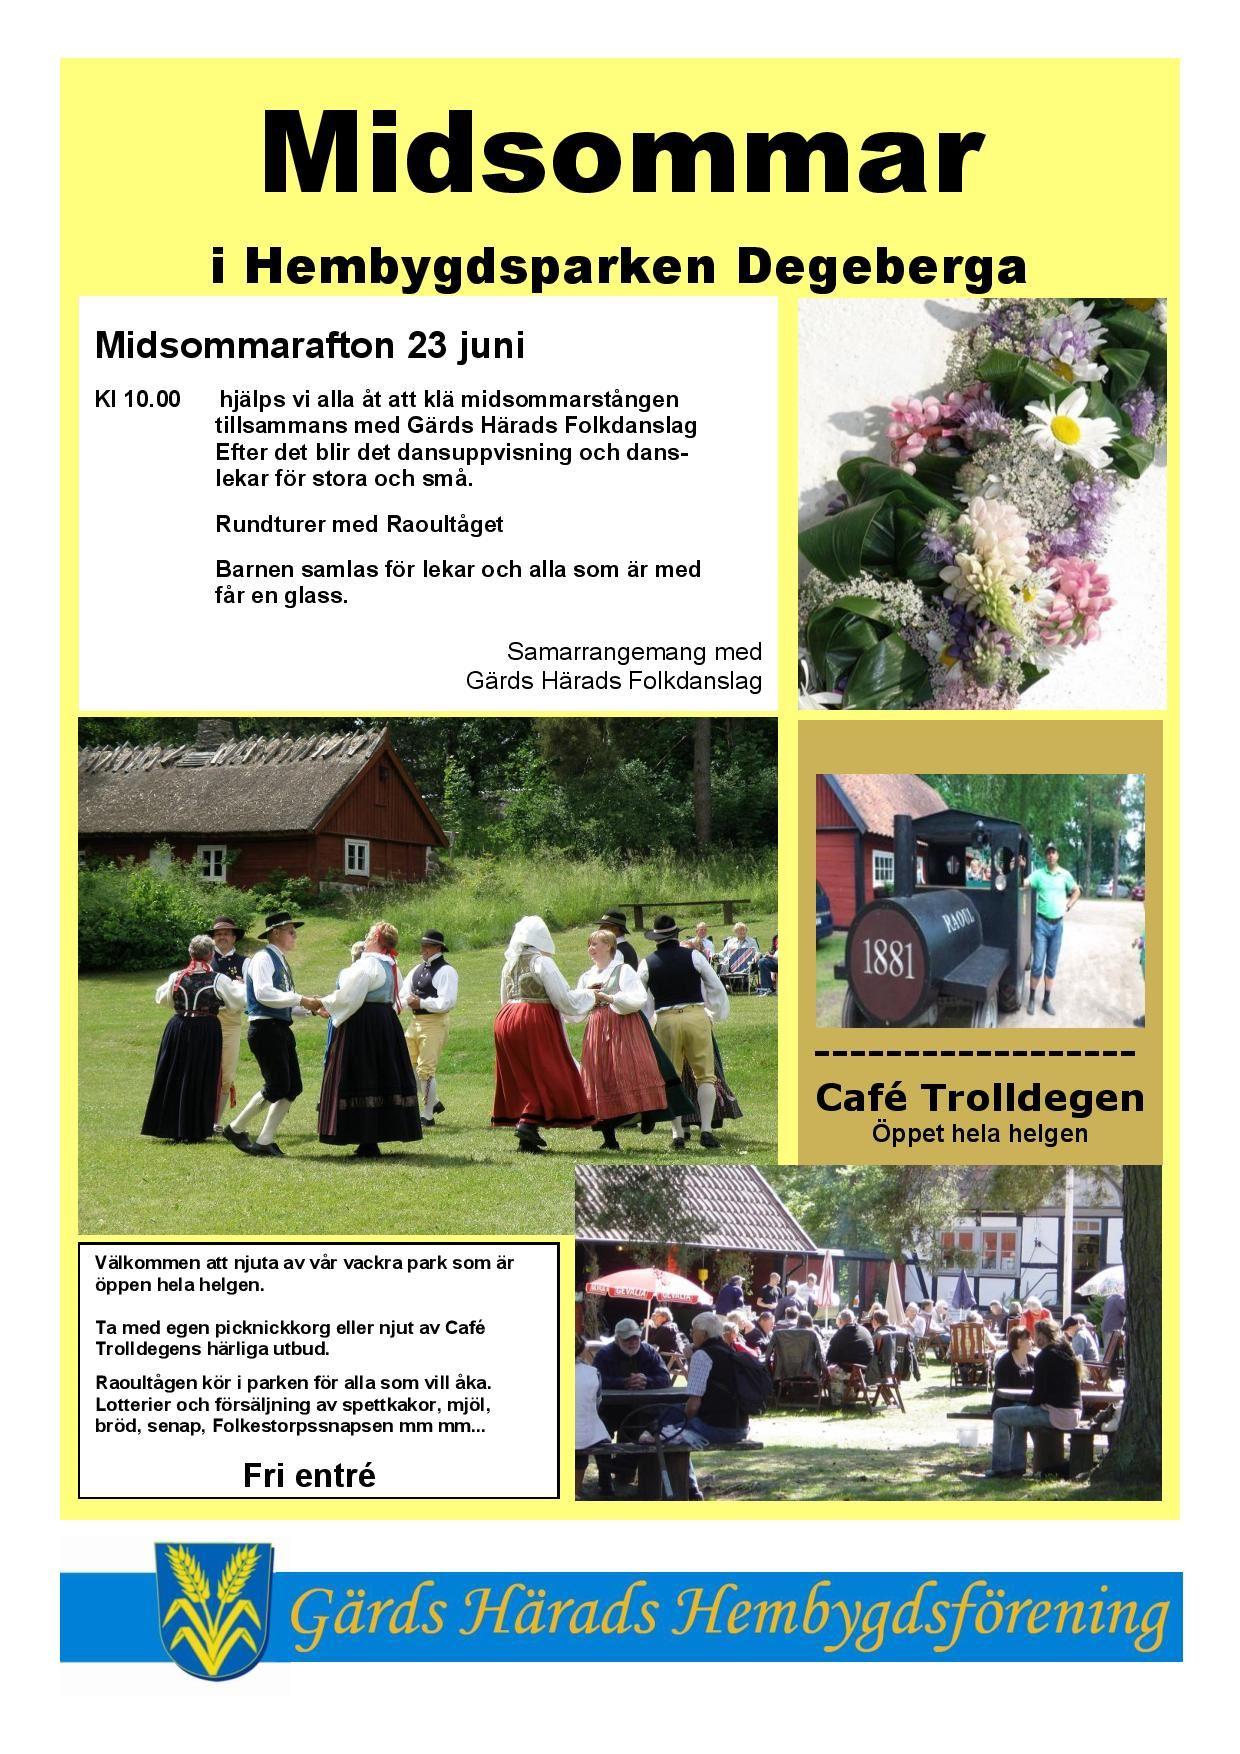 Traditionellt midsommarfirande i hembygdsparken i Degeberga